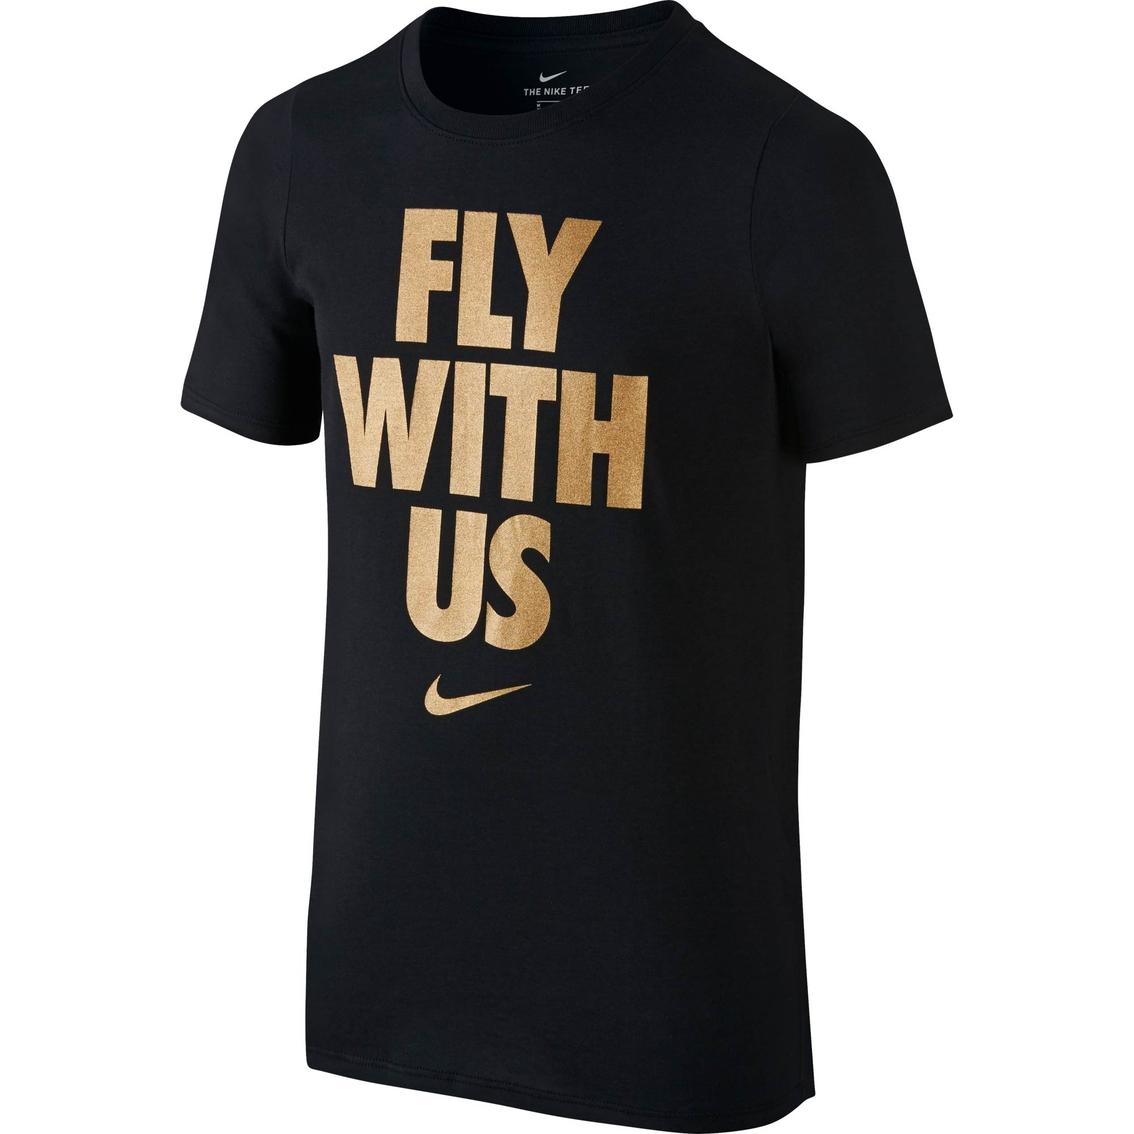 4716401d87 Nike Boys Fly With Us Dry Basketball Tee | Boys 8-20 | Apparel ...